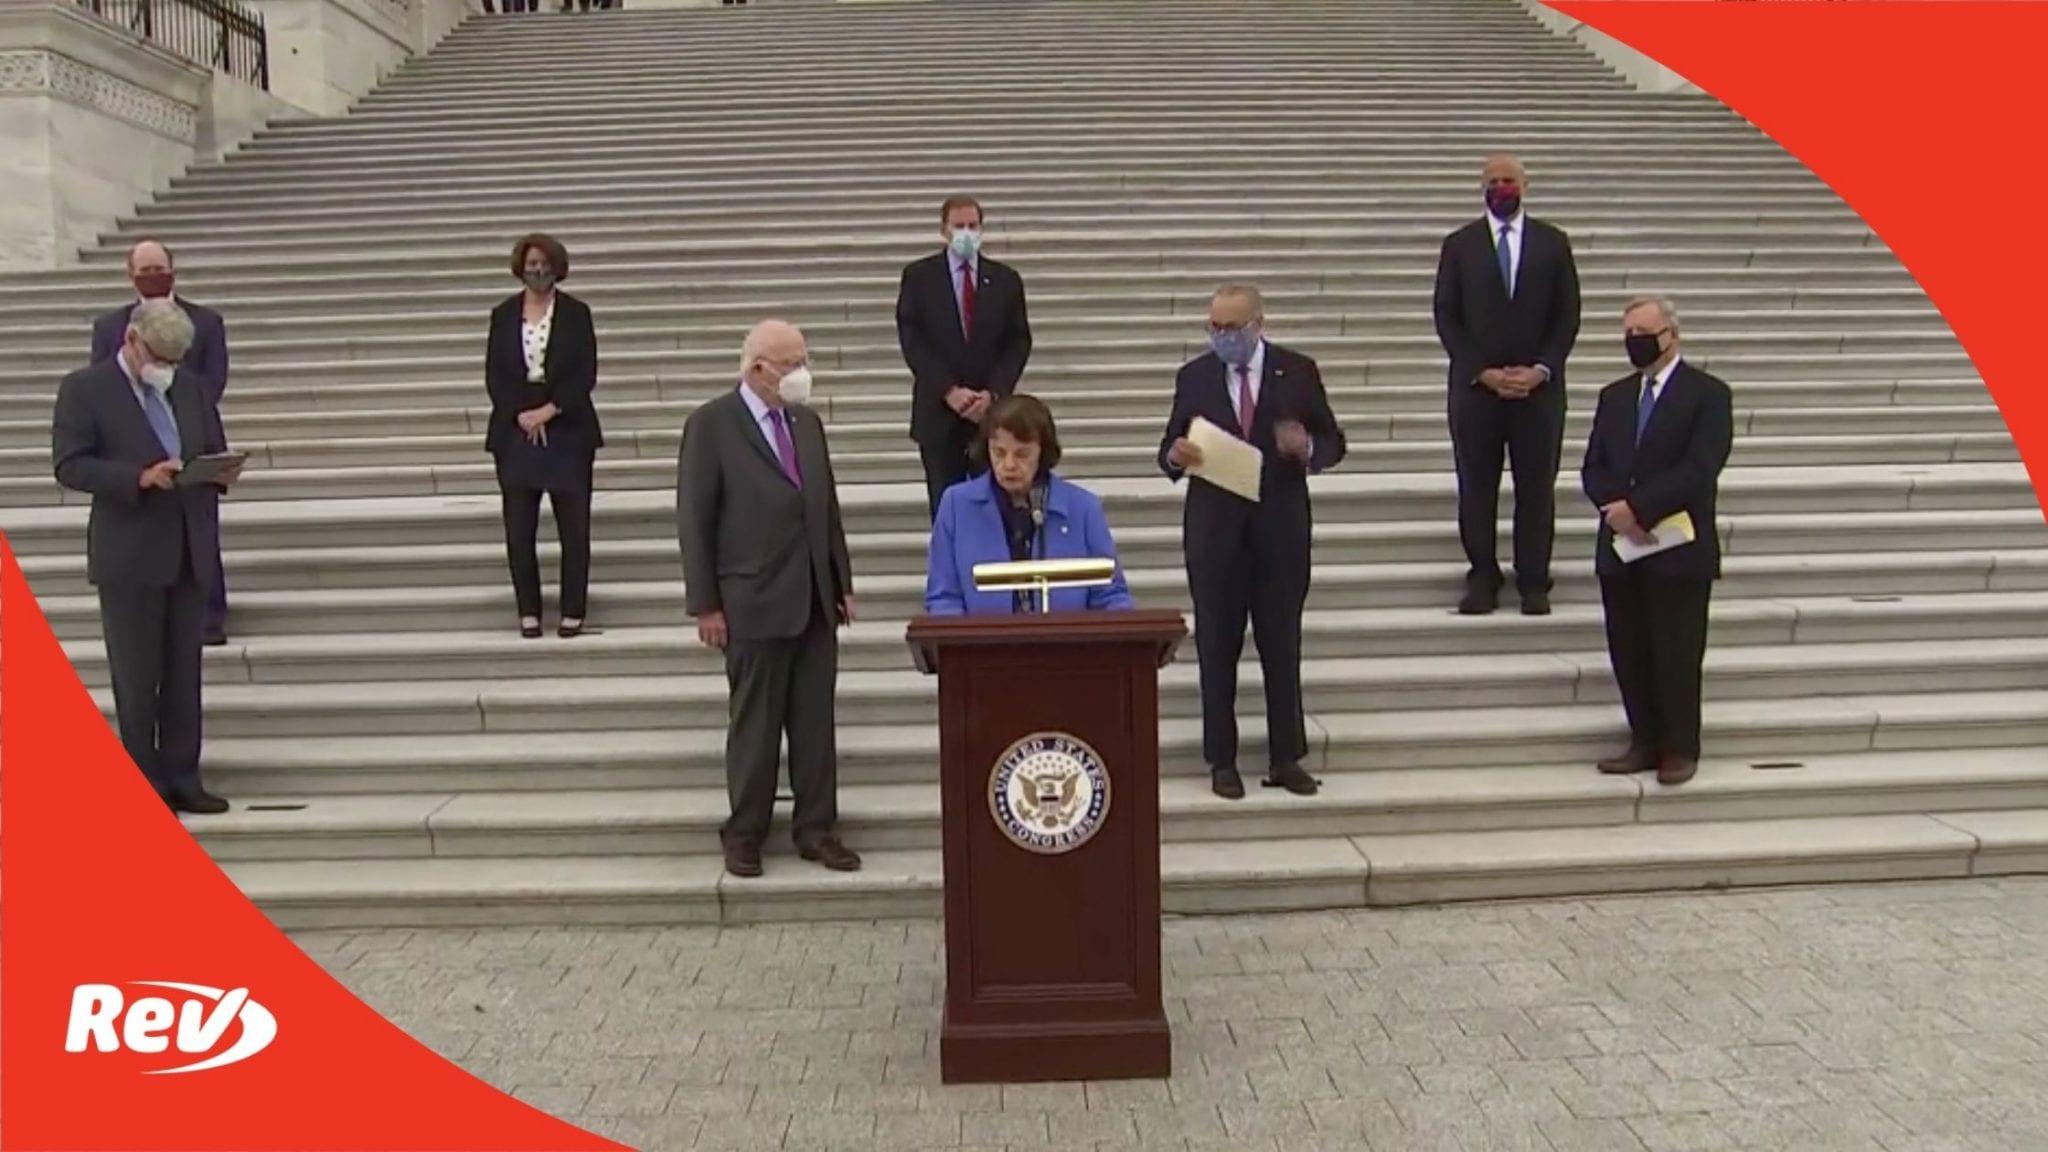 Sen. Schumer & Senate Democrats Press Conference Transcript on Amy Coney Barrett Confirmation October 22